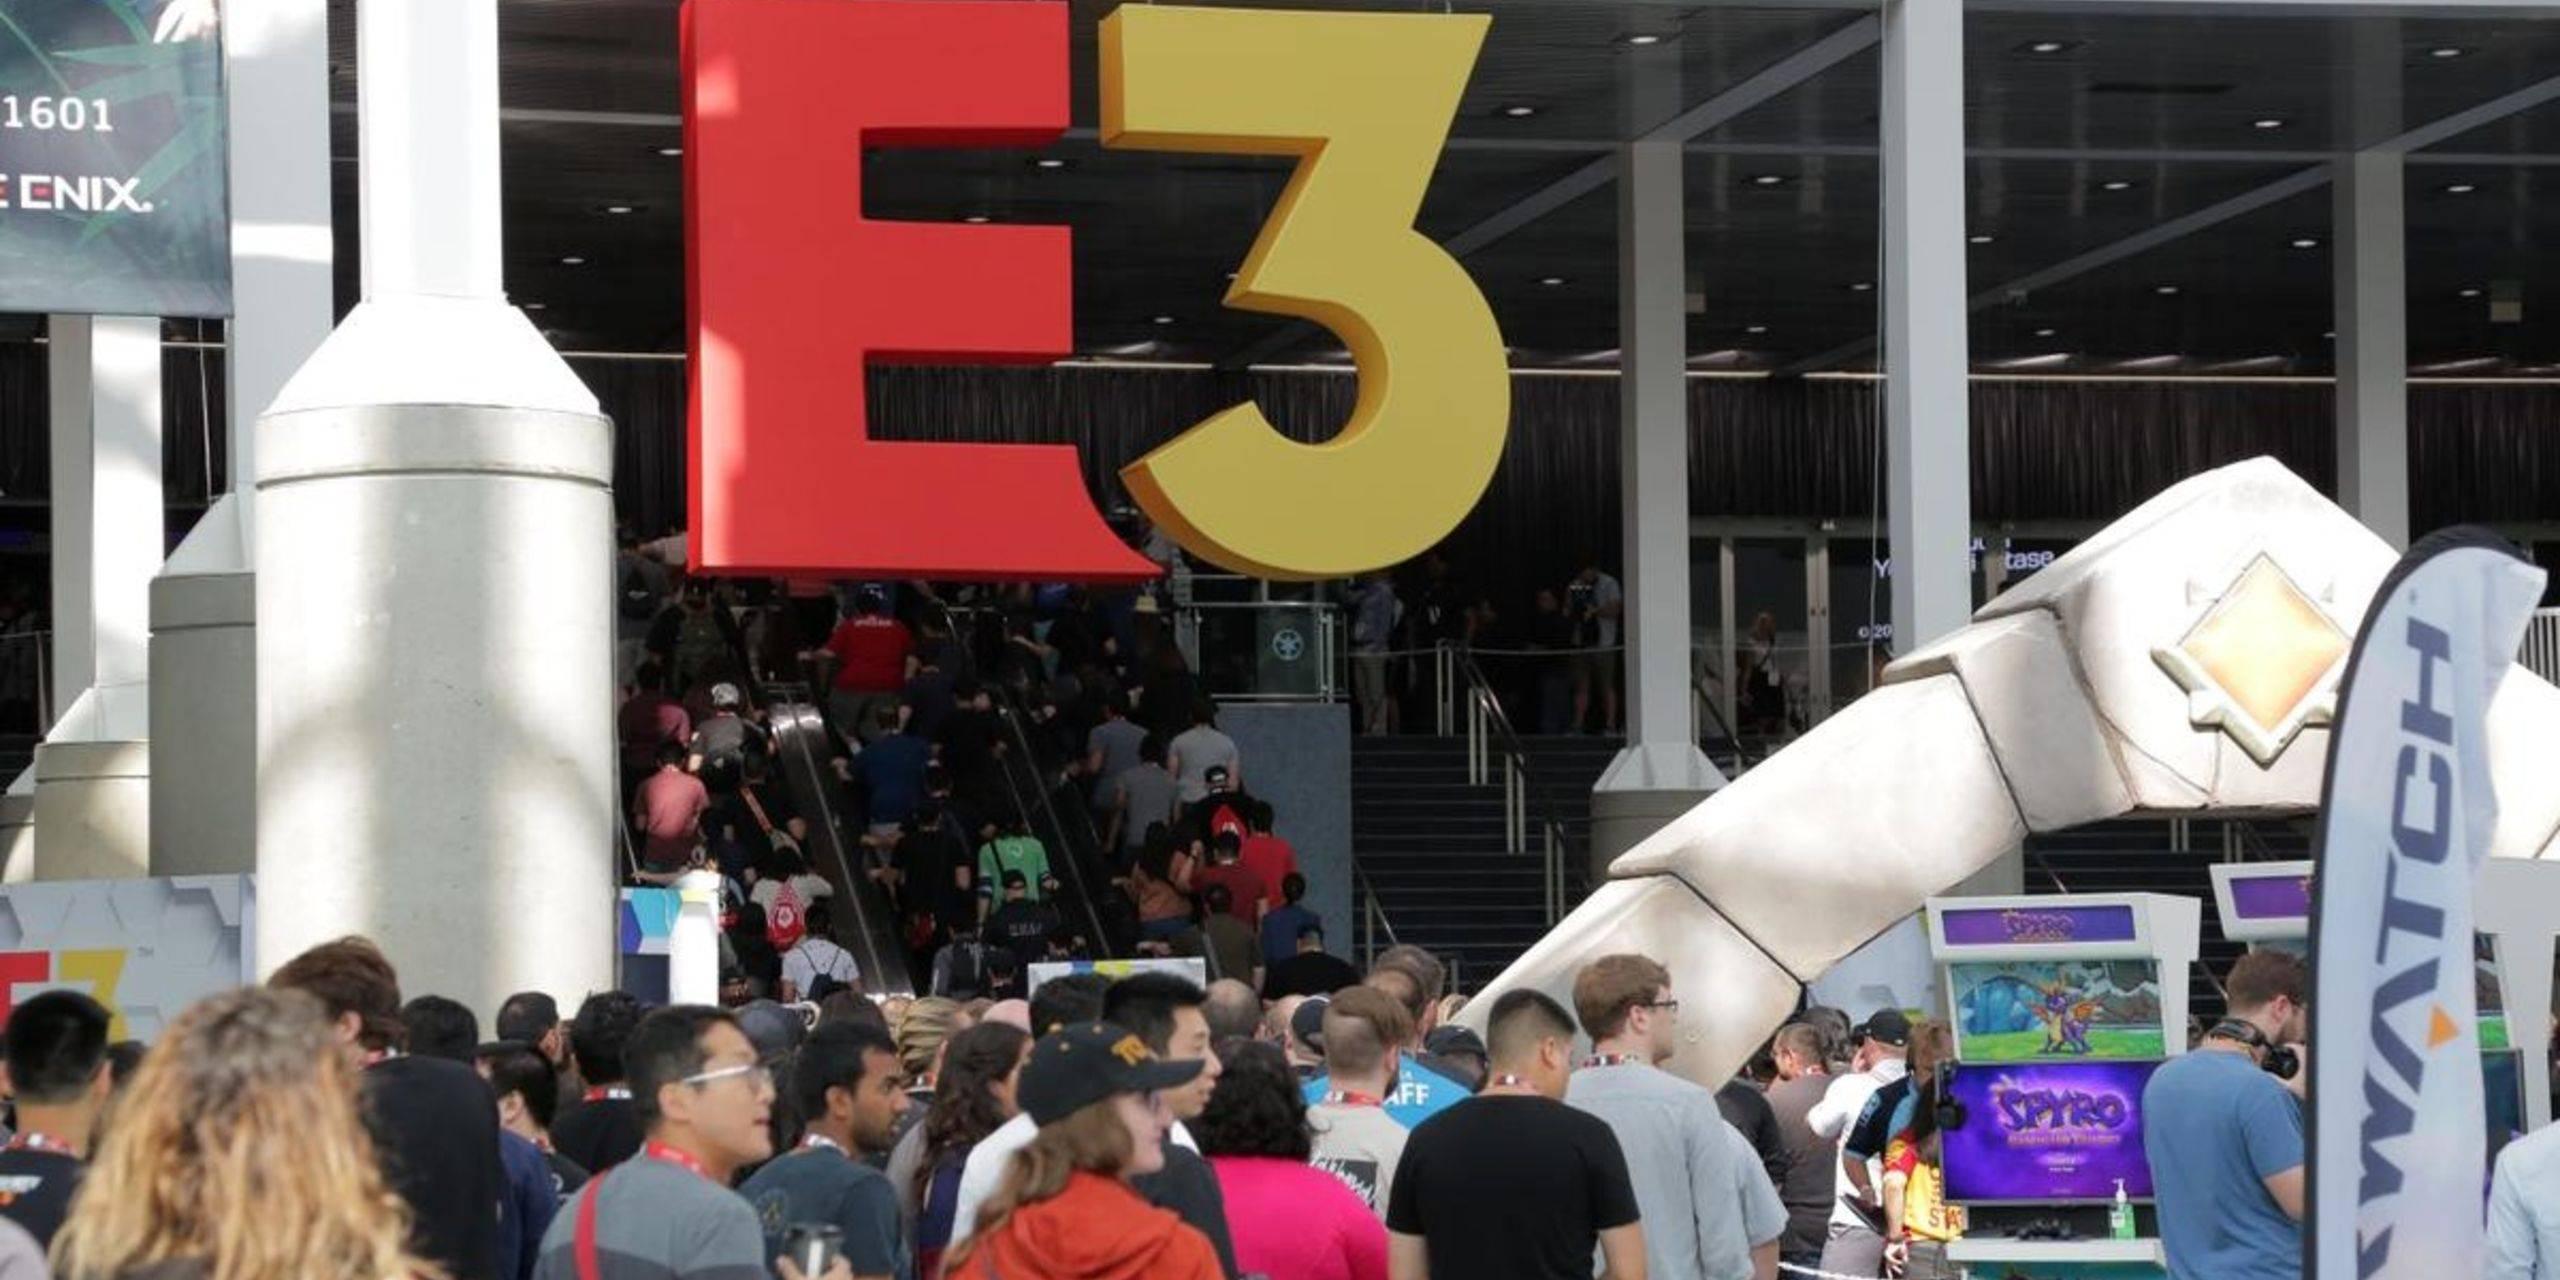 E3 - Electronic Entertainment Expo